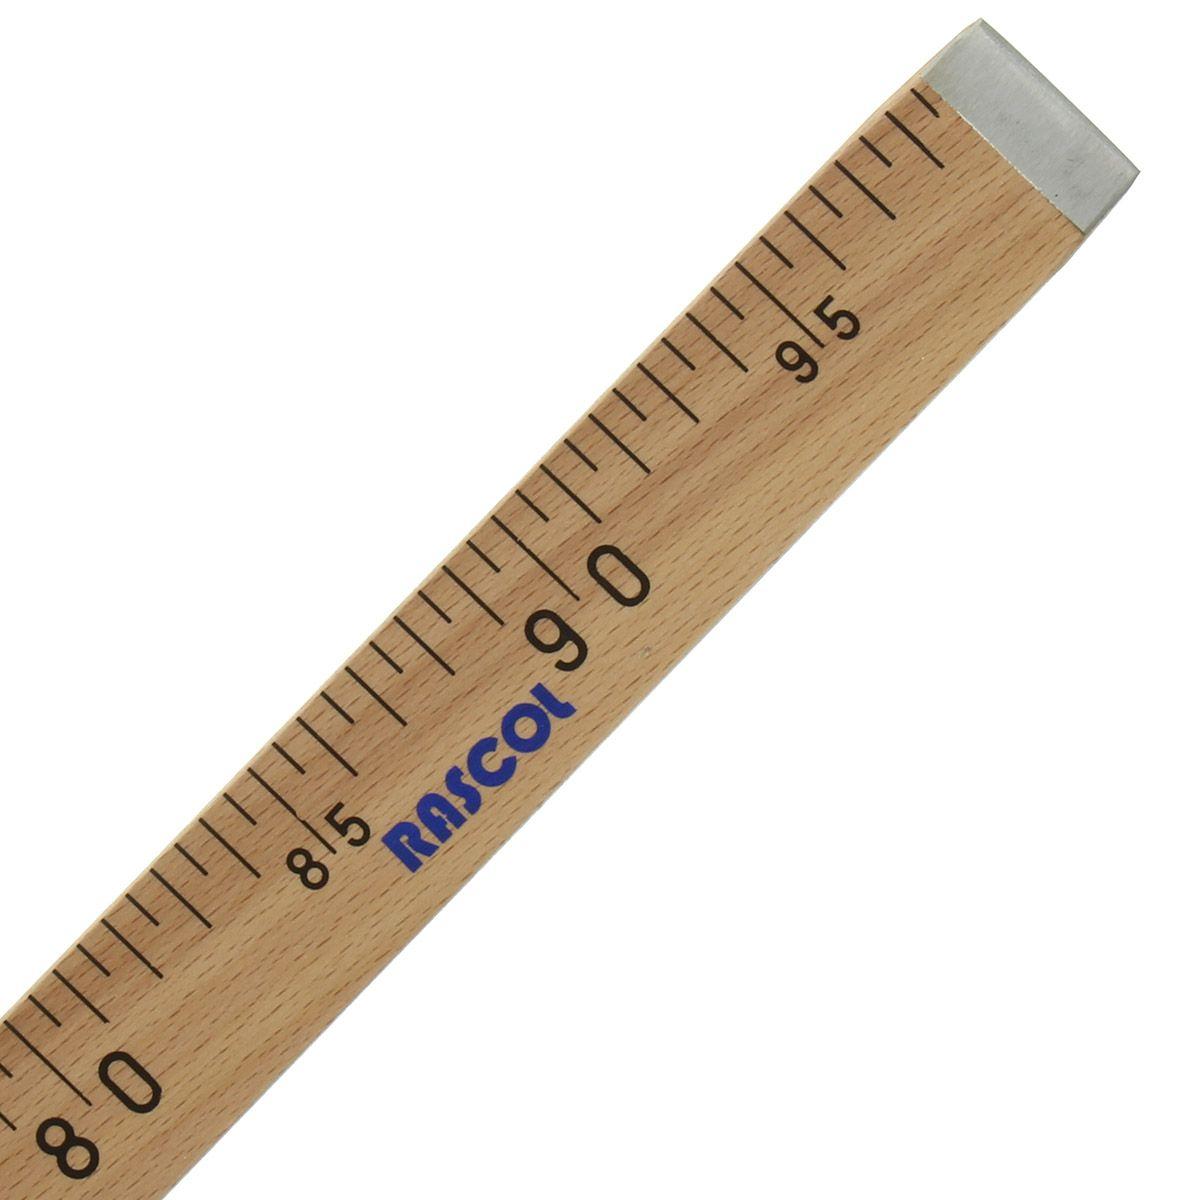 Règle mètre bois de couturier